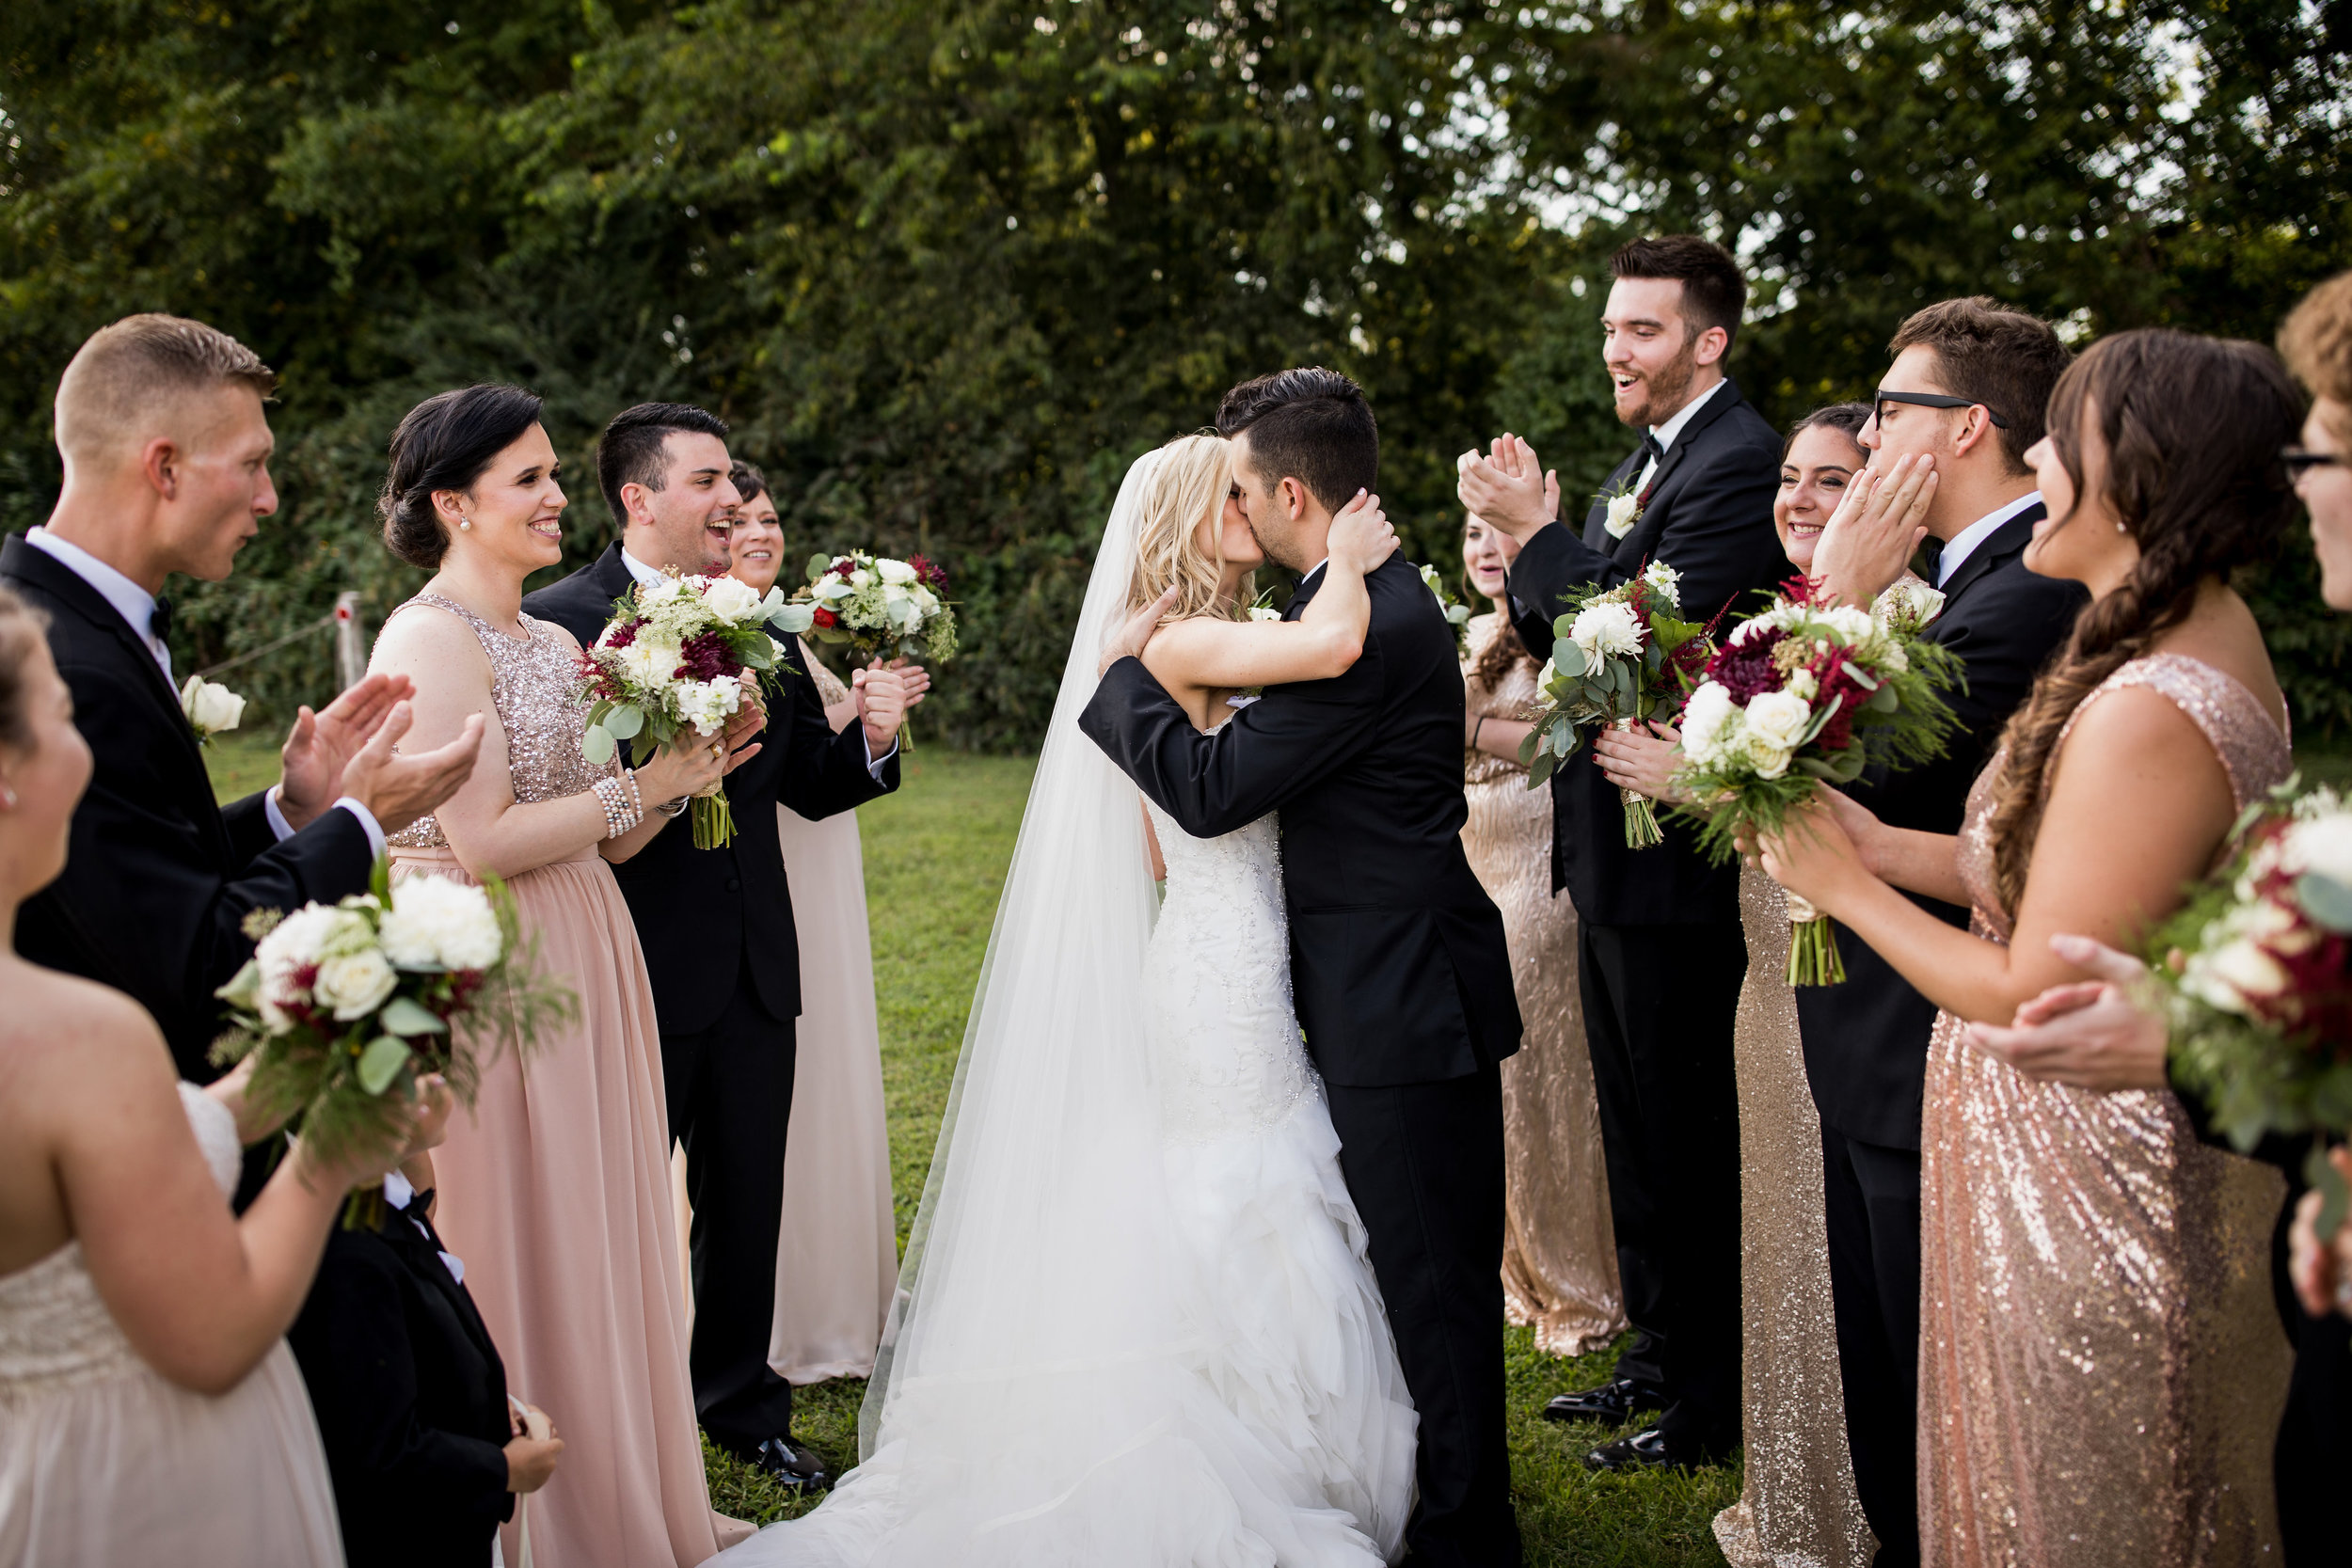 Meadow-Hill-Farm-Wedding 26.jpg